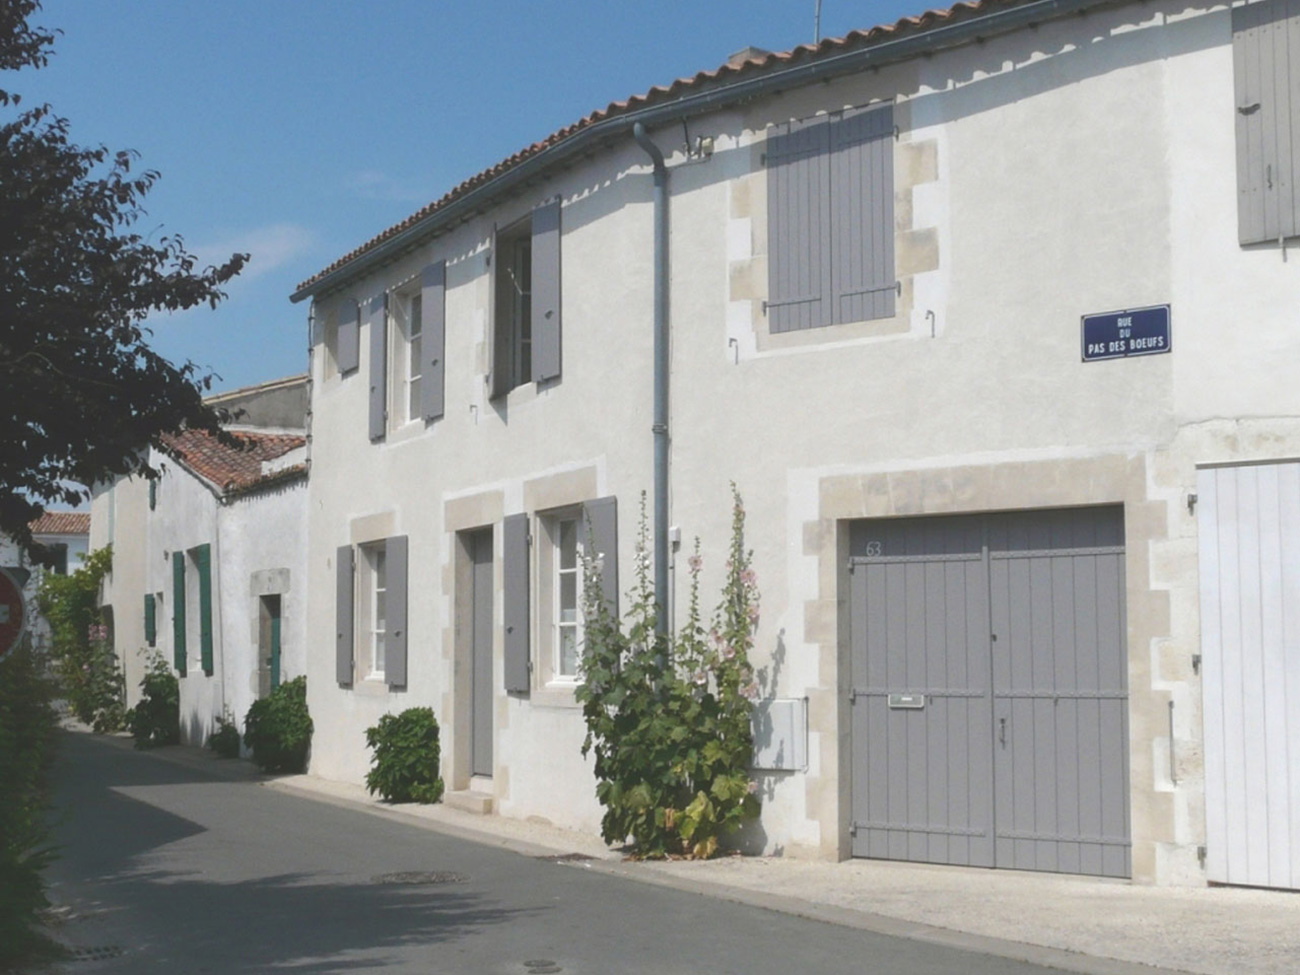 Location Maison Ile de Ré - Fleur-de-sel - Façade